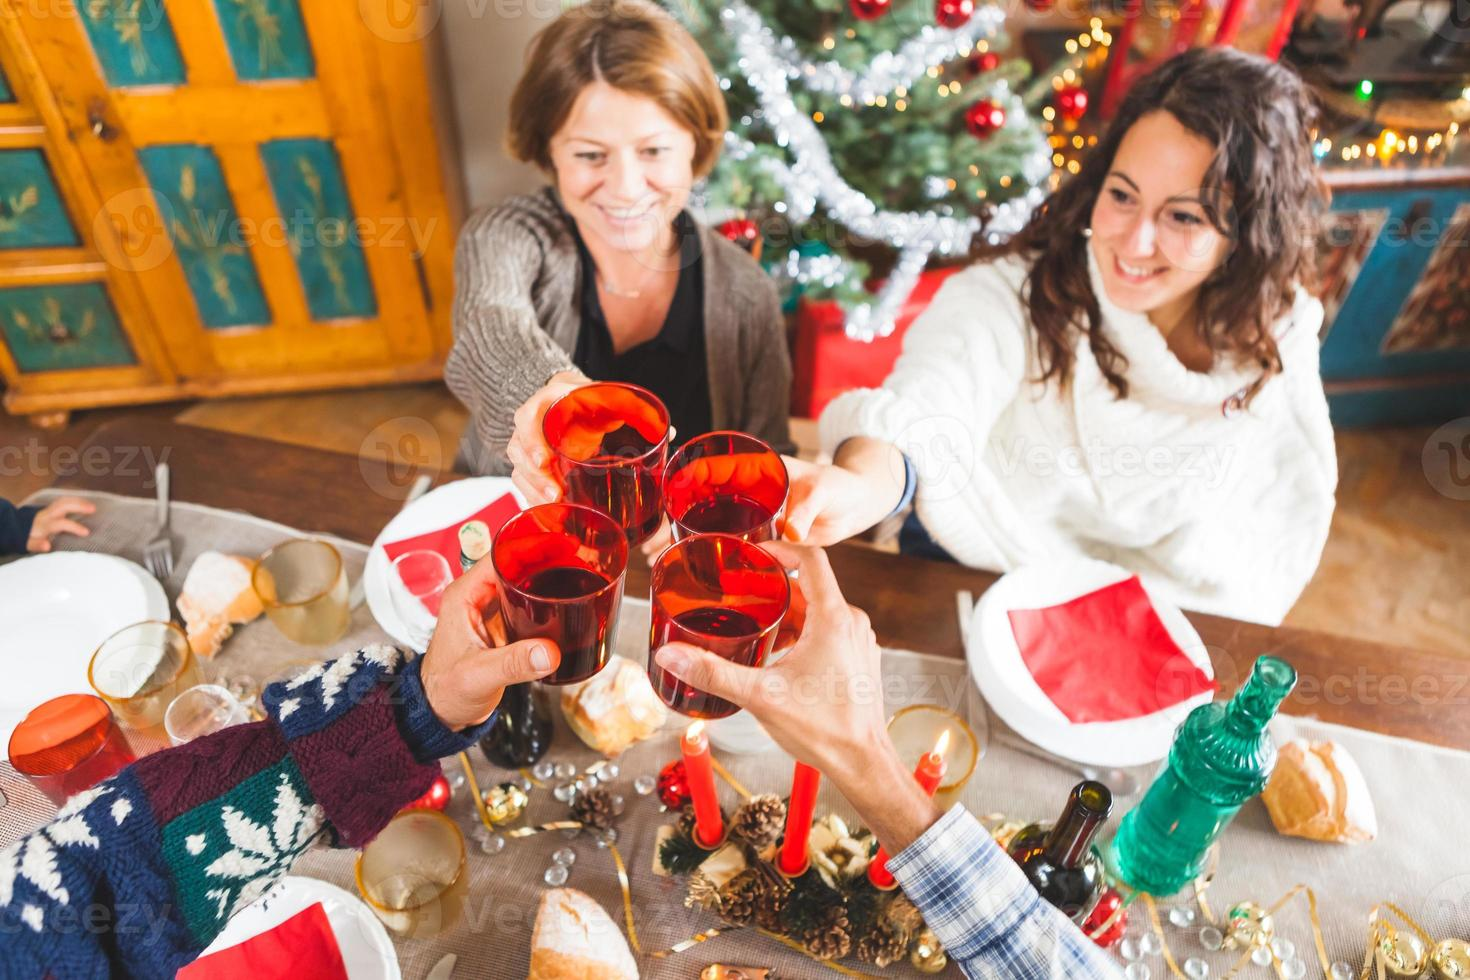 Familie Toast für Weihnachtsessen zu Hause foto